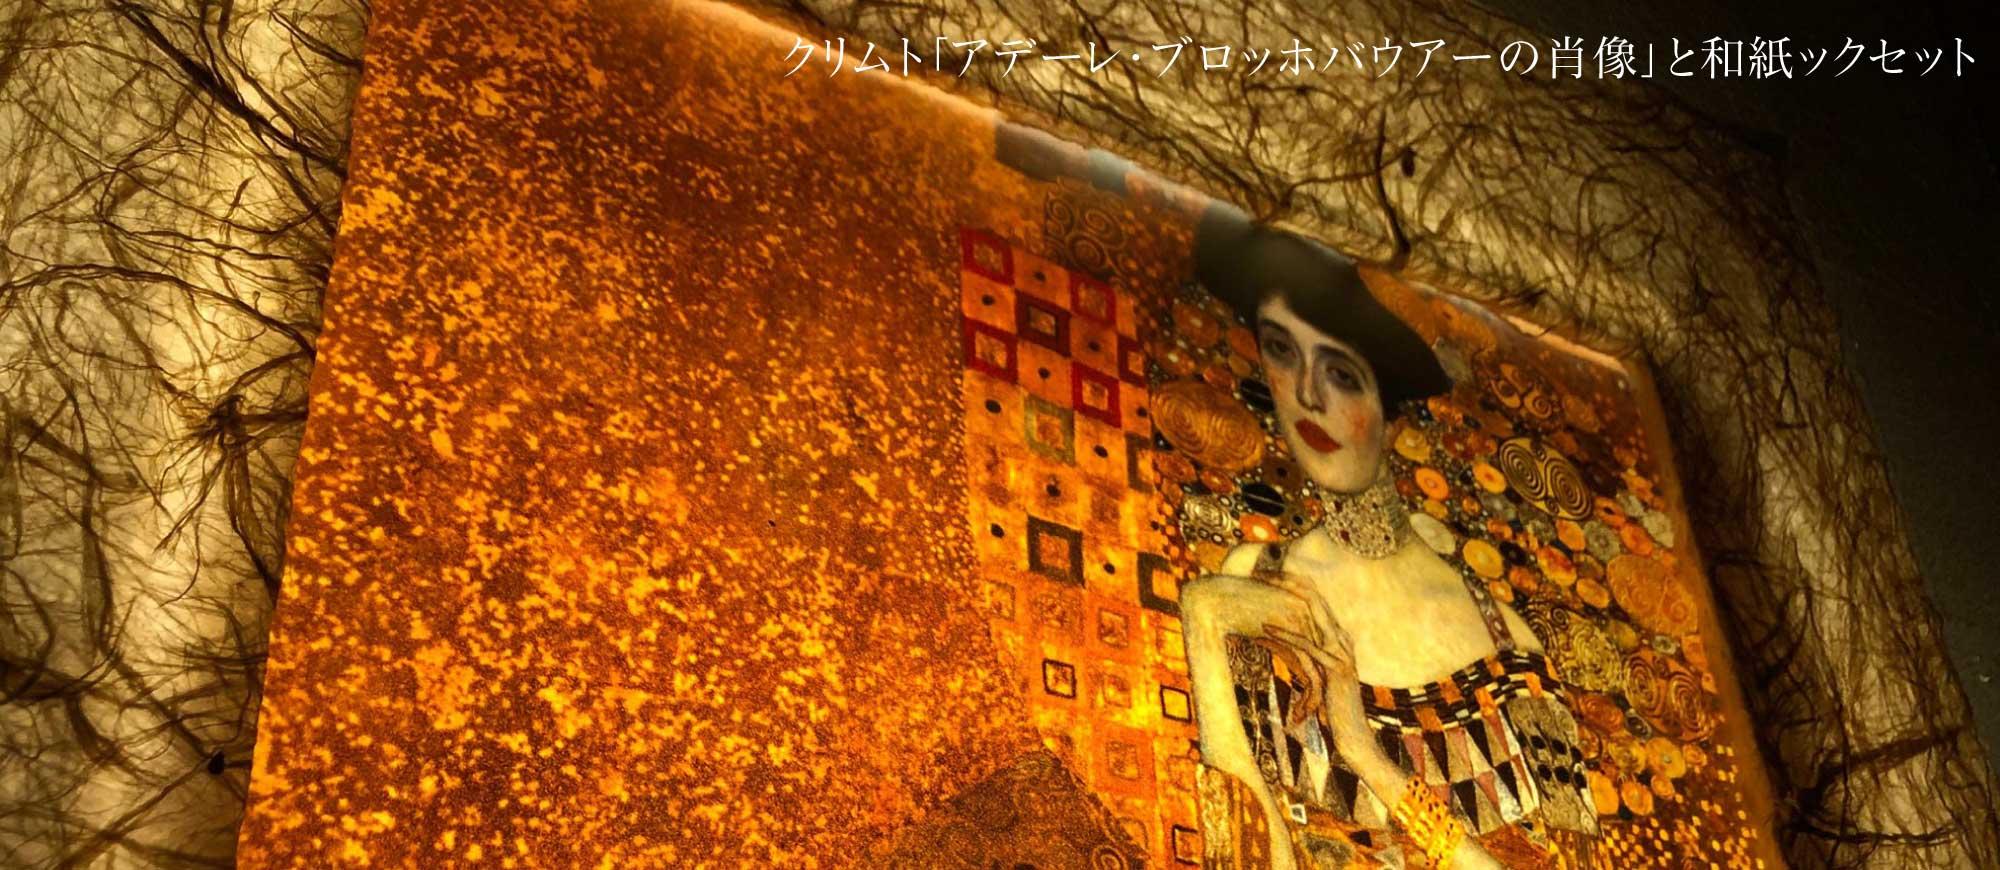 クリムト・アデーレ・ブロッホ=バウアーの肖像と和紙ックフォトフレーム